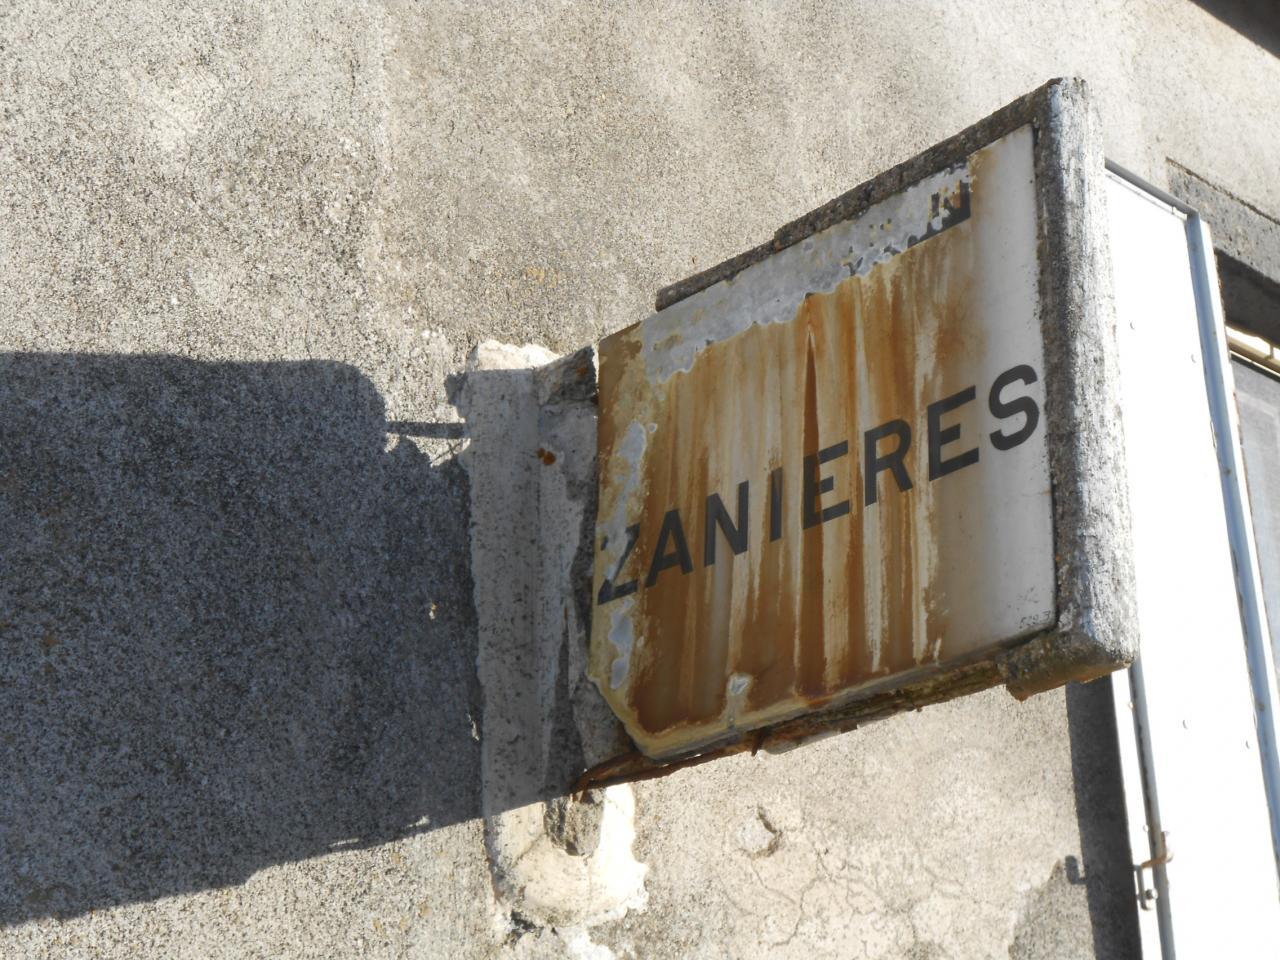 63790 Sur D5 Zanières (1)